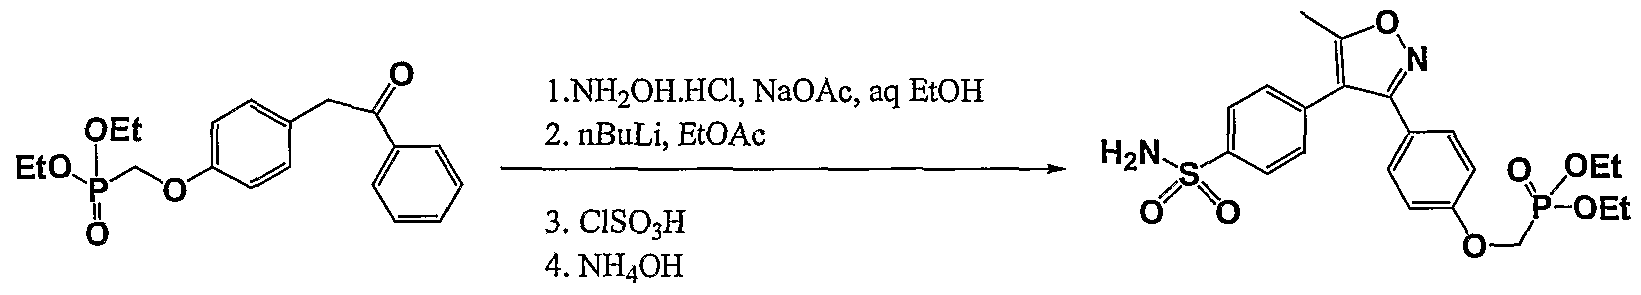 Figure imgf000313_0004